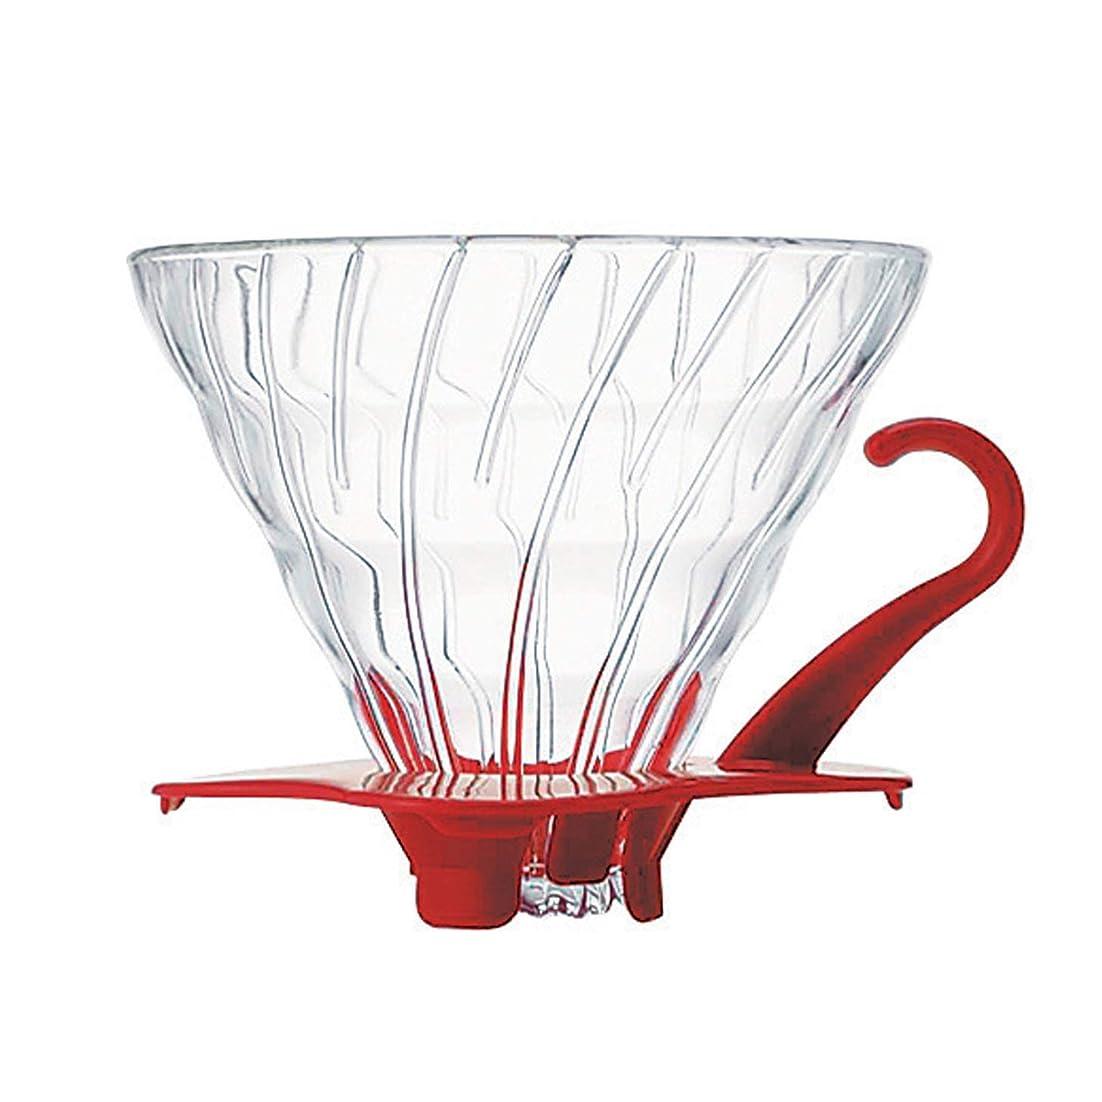 詐欺広い道徳のHARIO (ハリオ) V60 耐熱ガラス 透過 コーヒードリッパー 02  レッド  コーヒードリップ 1~4杯用  VDG-02R